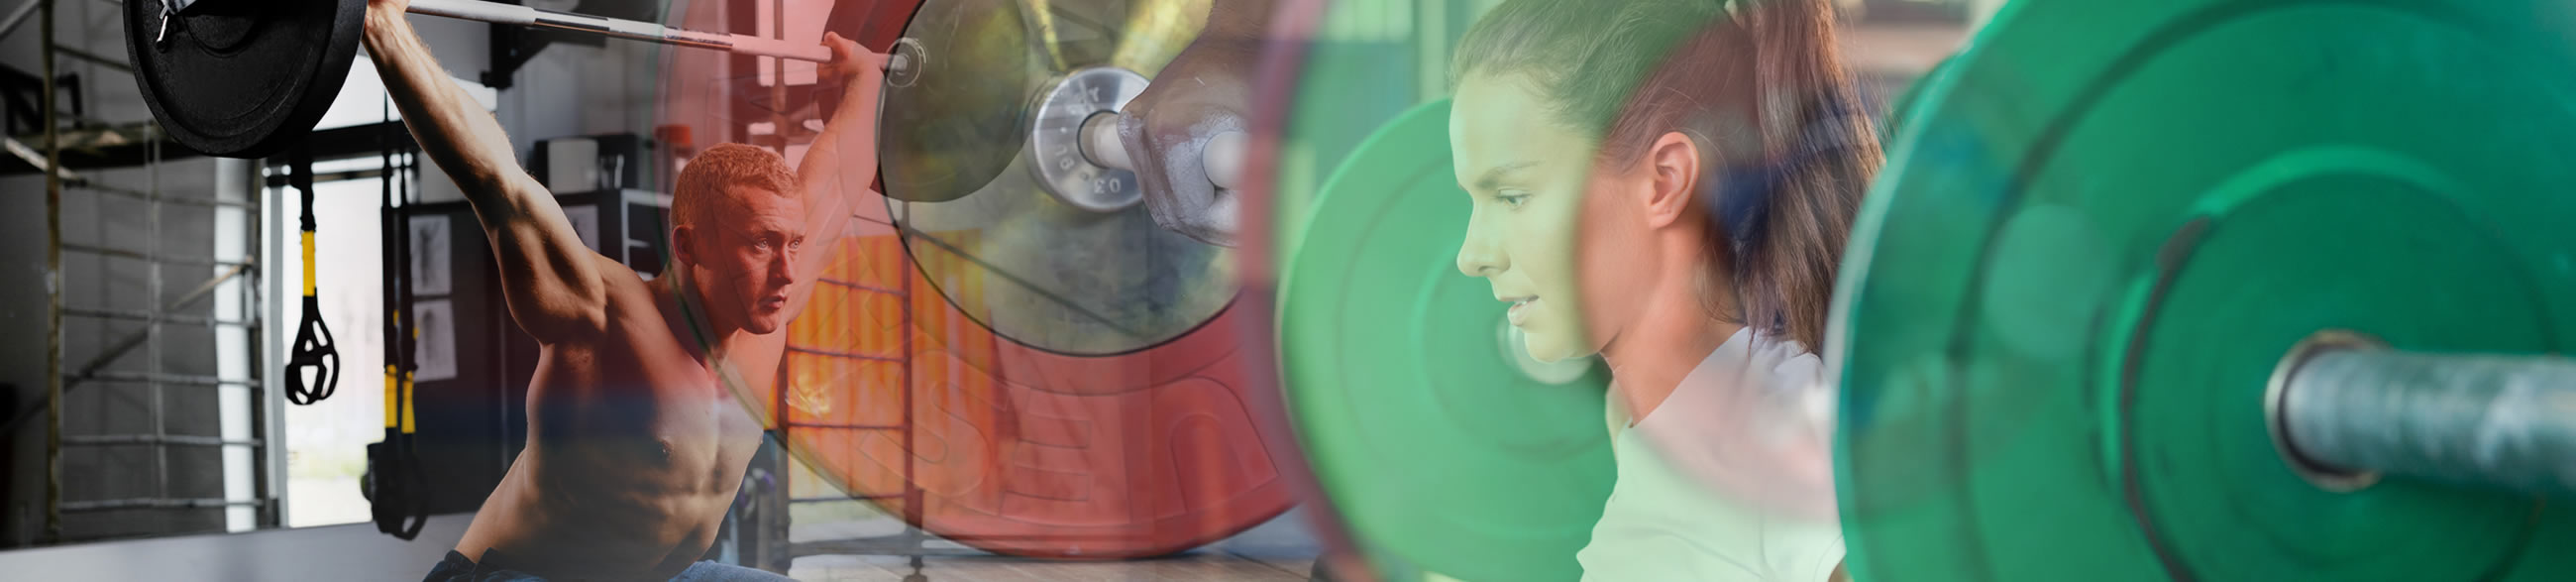 Dutch Weightlifting Association - Nederlandse Gewichthefbond